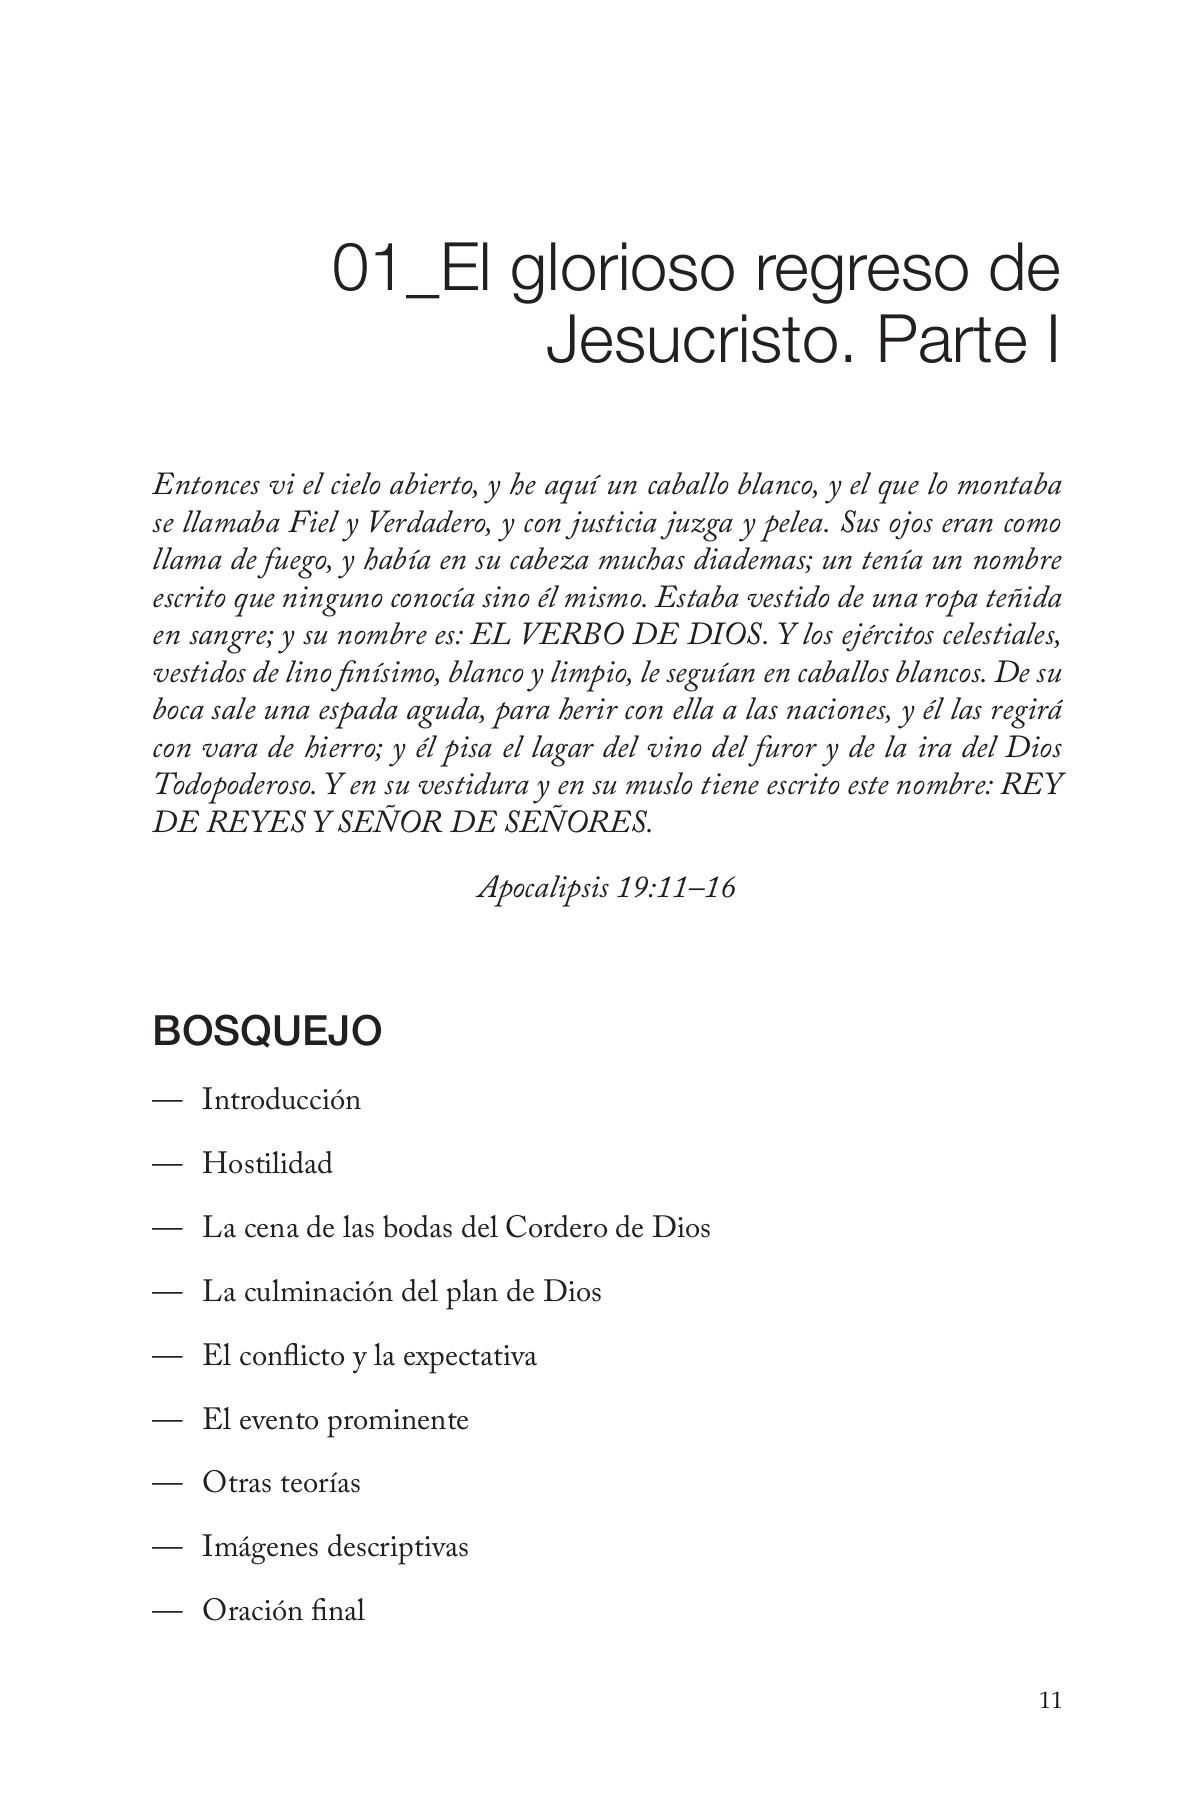 Bosquejos temáticos de la biblia